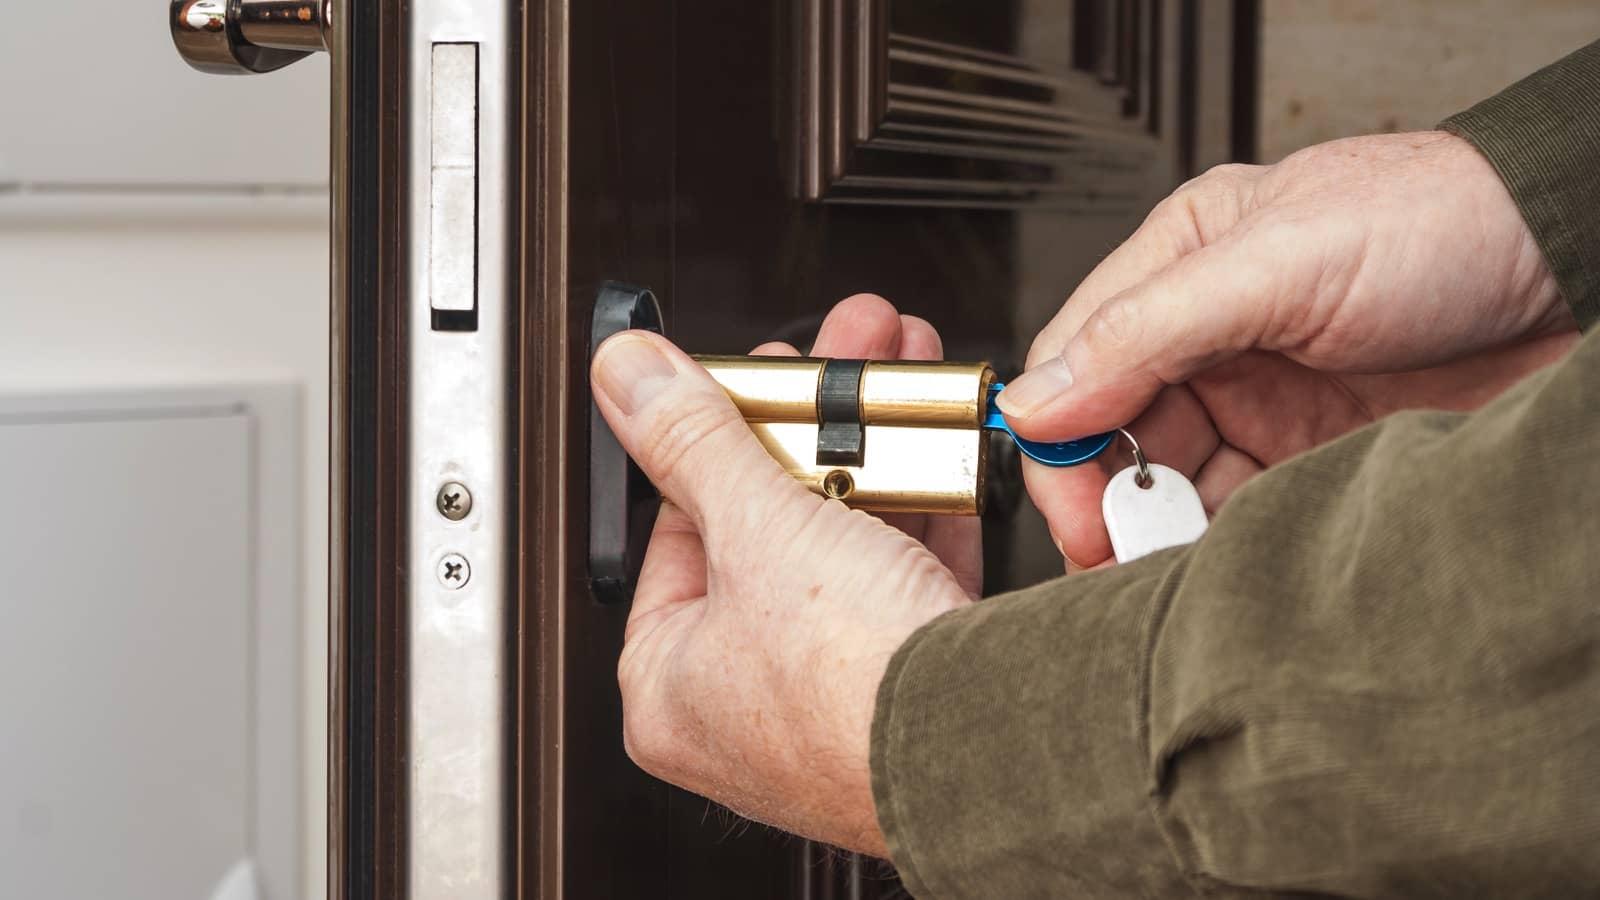 Serwis drzwi-wymiana zamków i wkładek